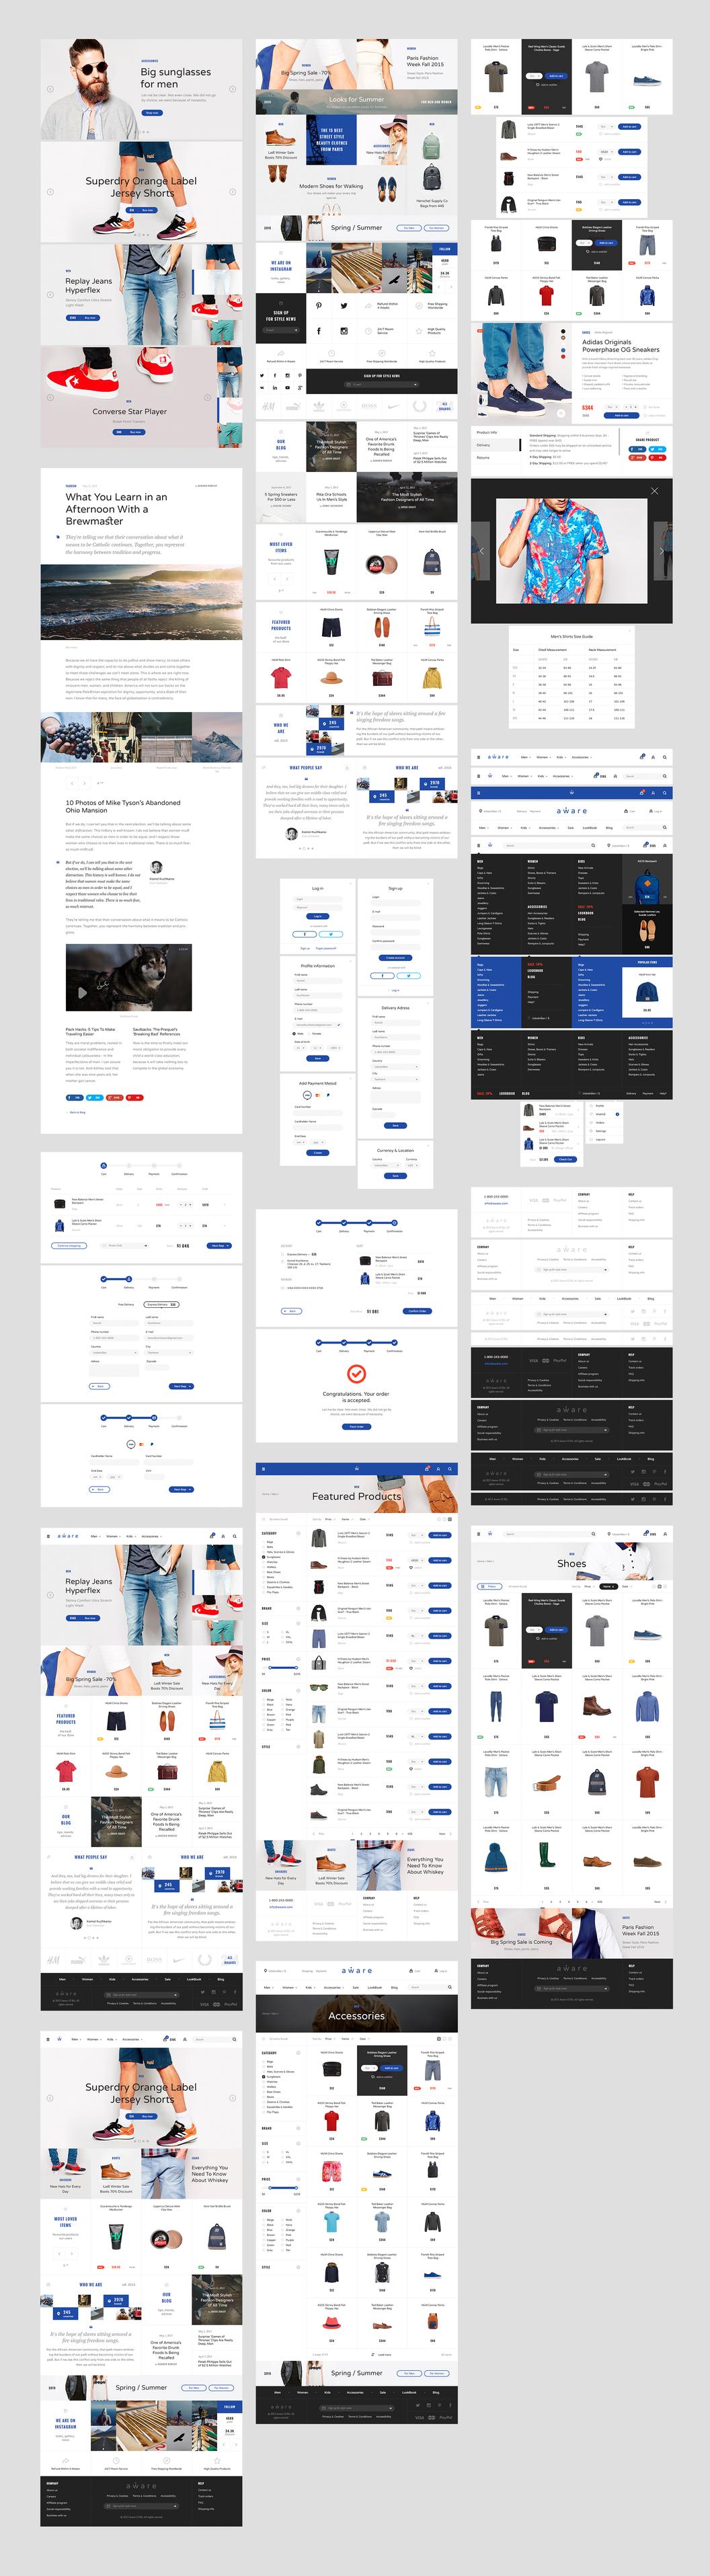 Design UI + web + graphic에 있는 핀